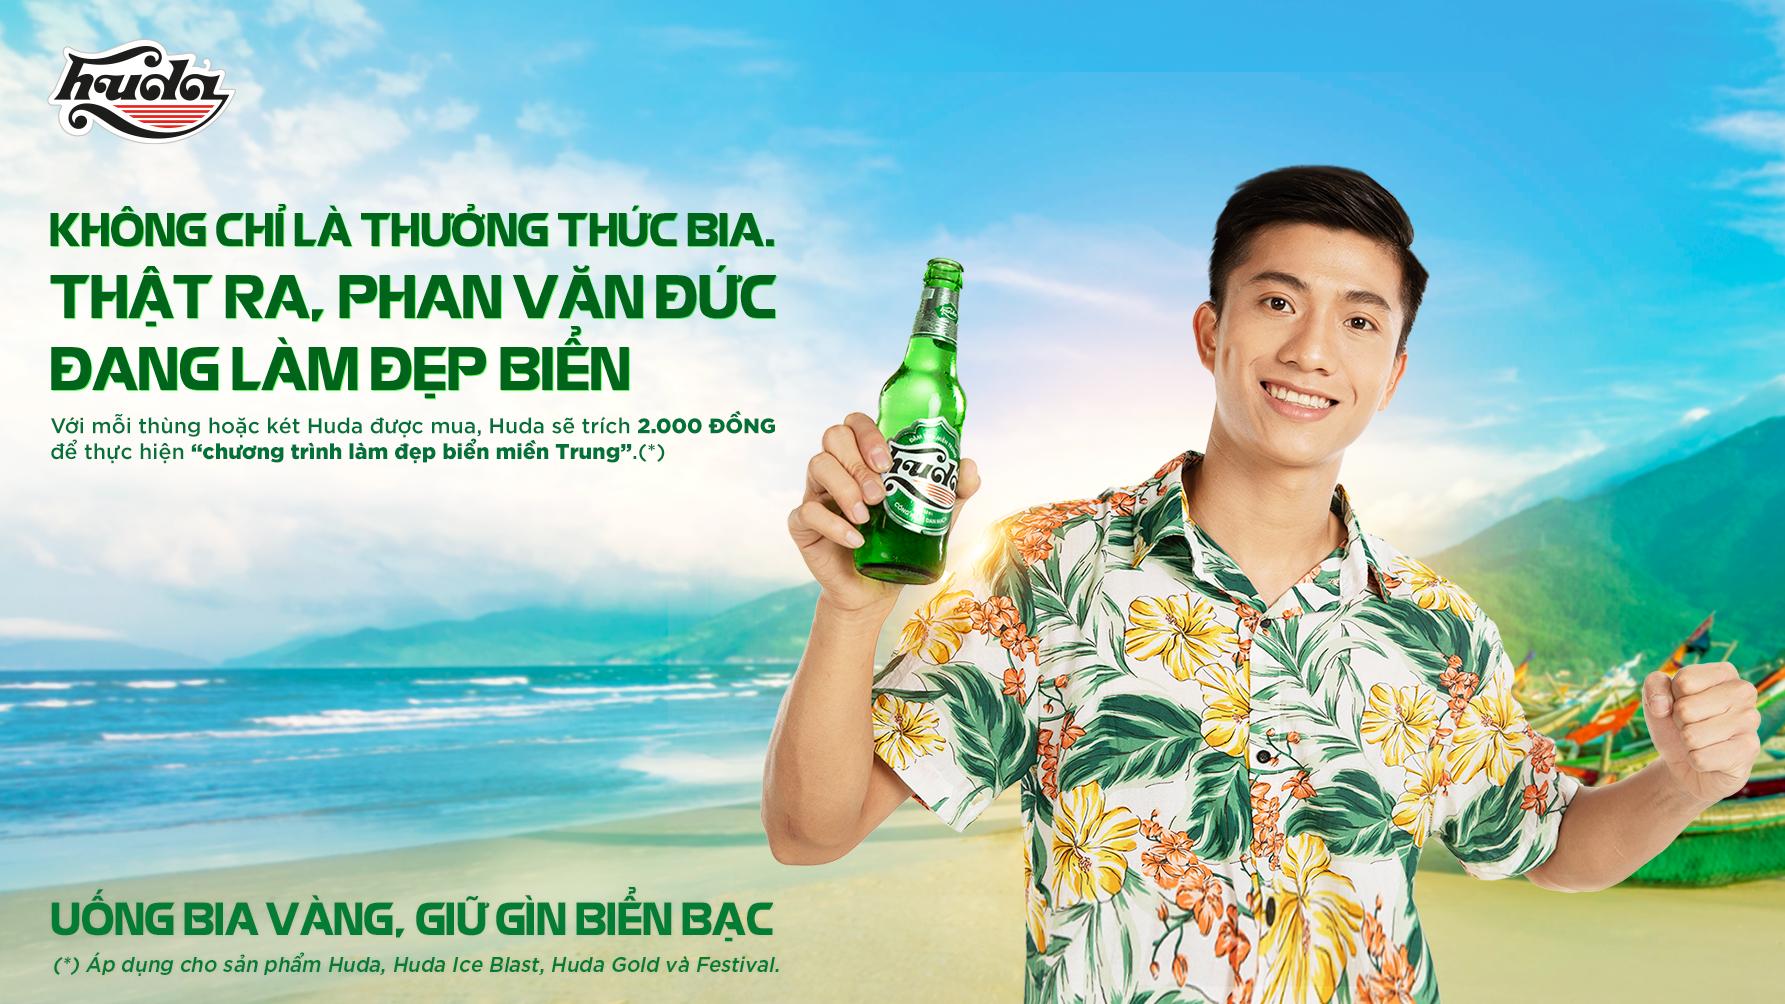 Tuyển thủ quốc gia Phan Văn Đức đồng hành cùng chương trình làm đẹp biển miền Trung của Huda với vai trò đại sứ của chương trình.